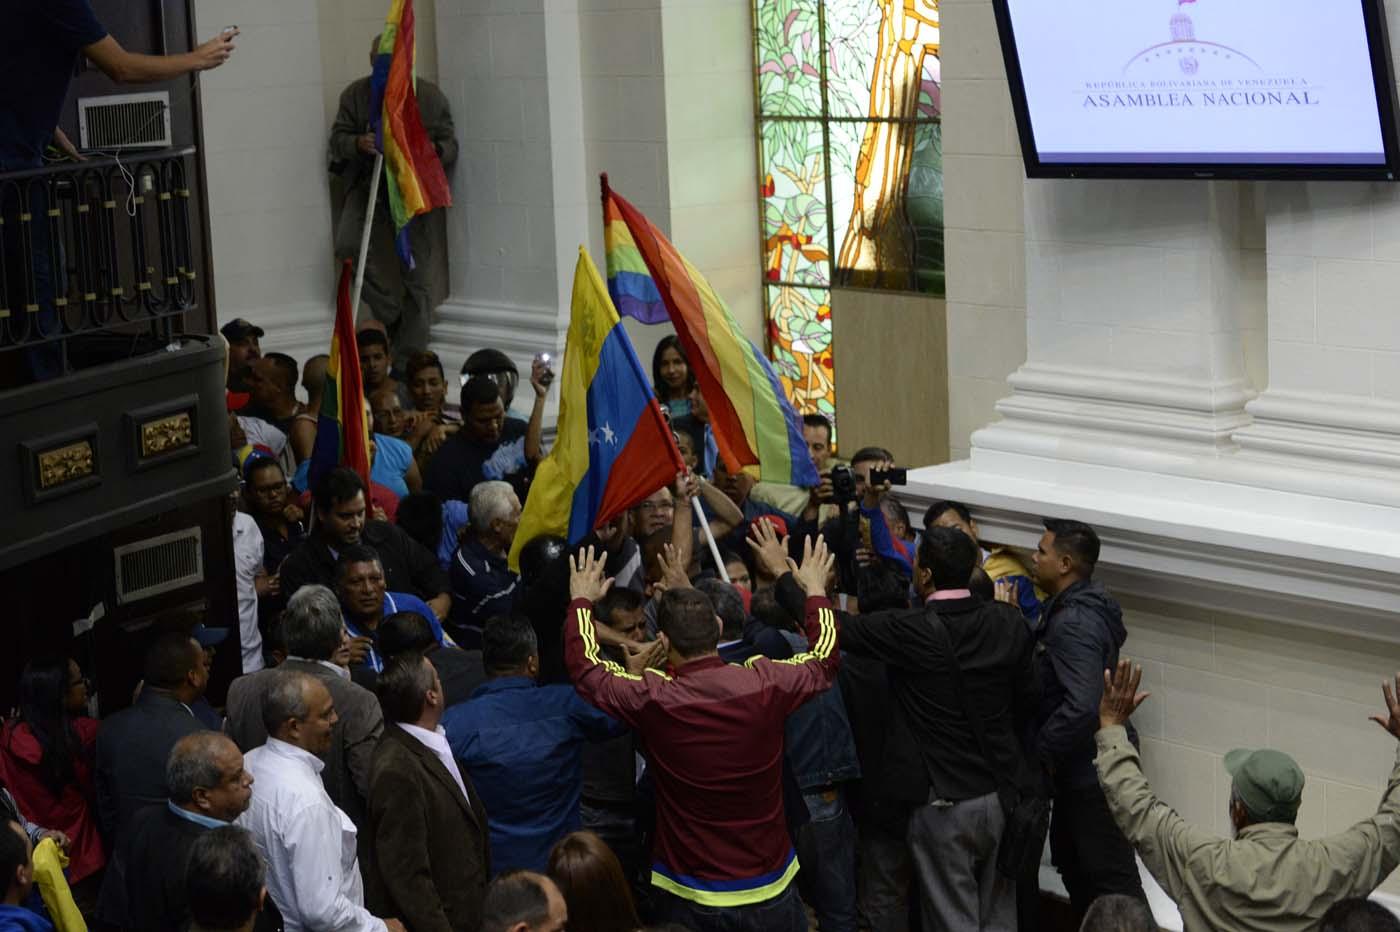 Gobierno de Nicolas Maduro. - Página 18 000_HF3BN